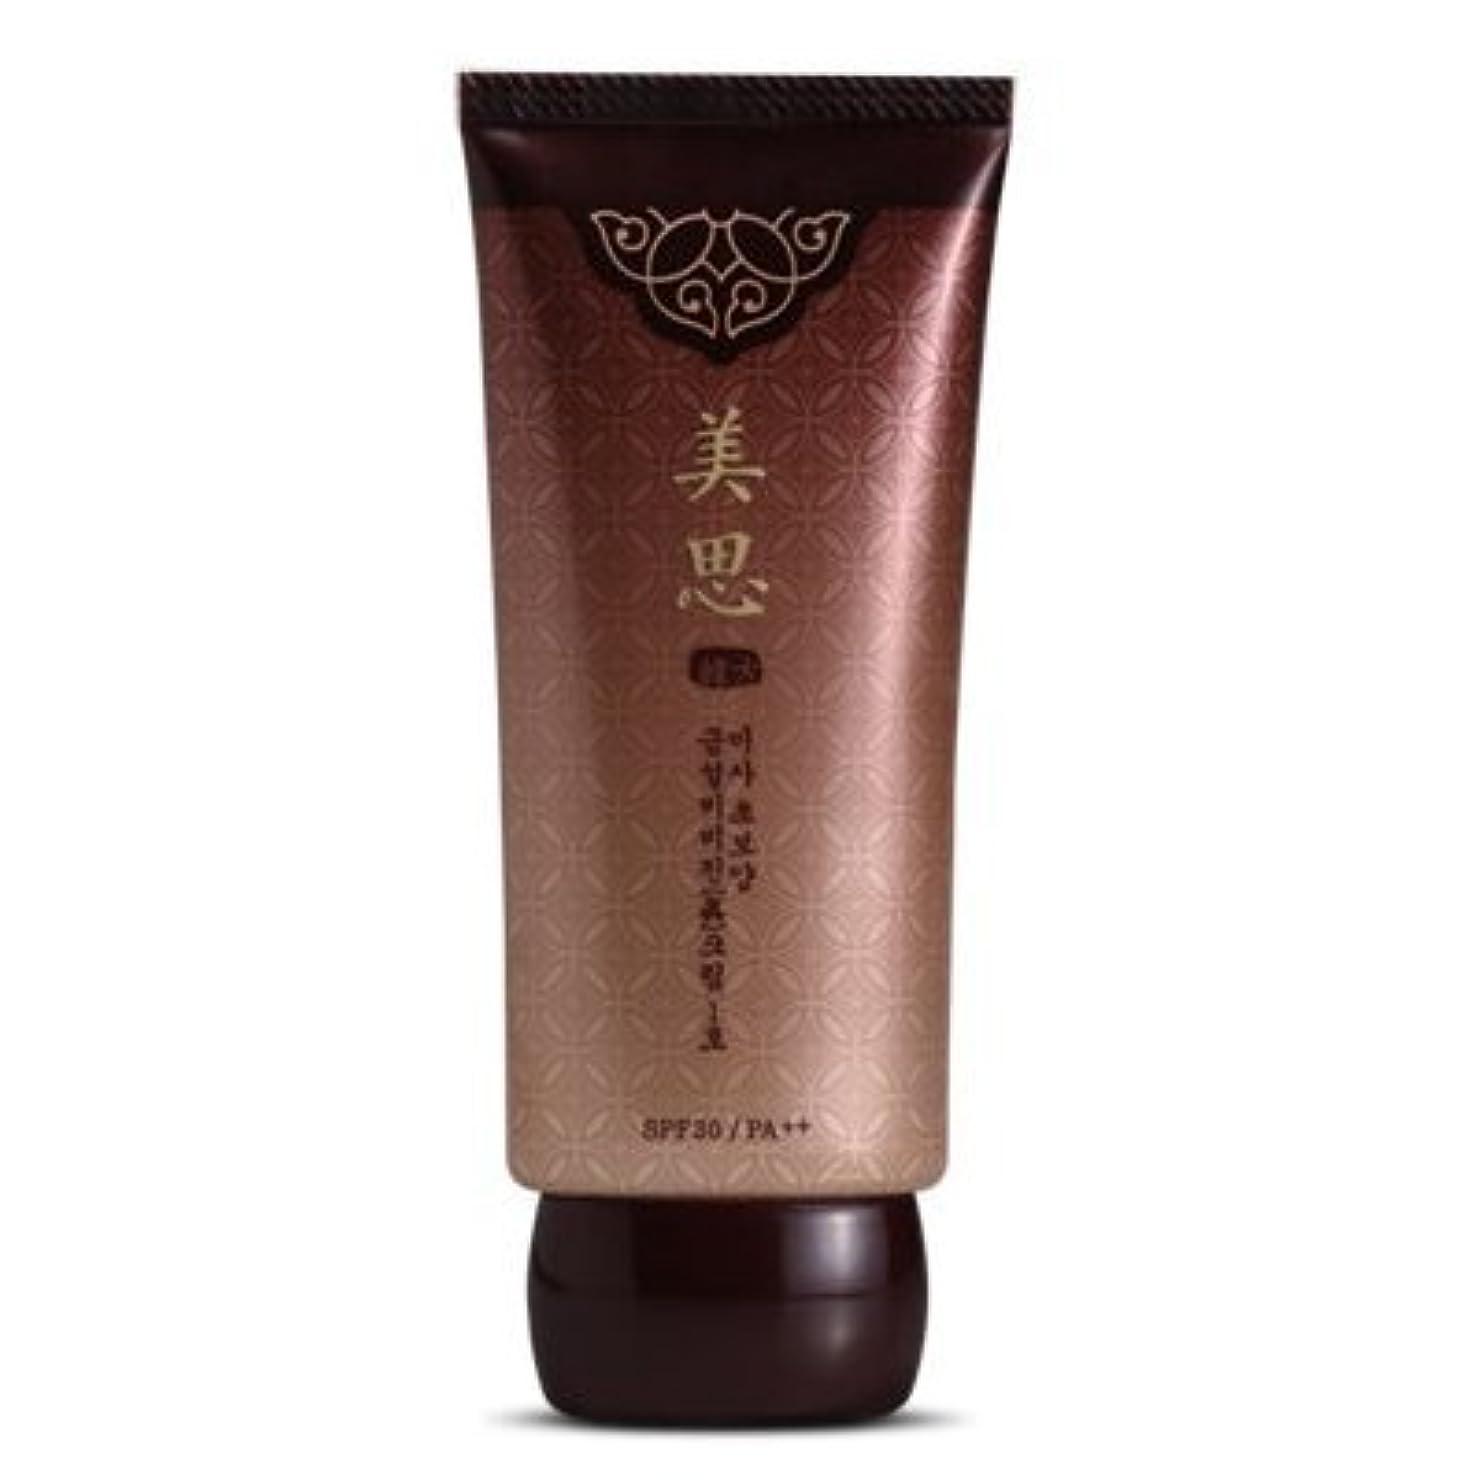 疲れた支援するユーモア【MISSHA (ミシャ)】 Cho Bo Yang BB Cream チョボヤン BBクリーム No.2 (ナチュラル ベージュ)